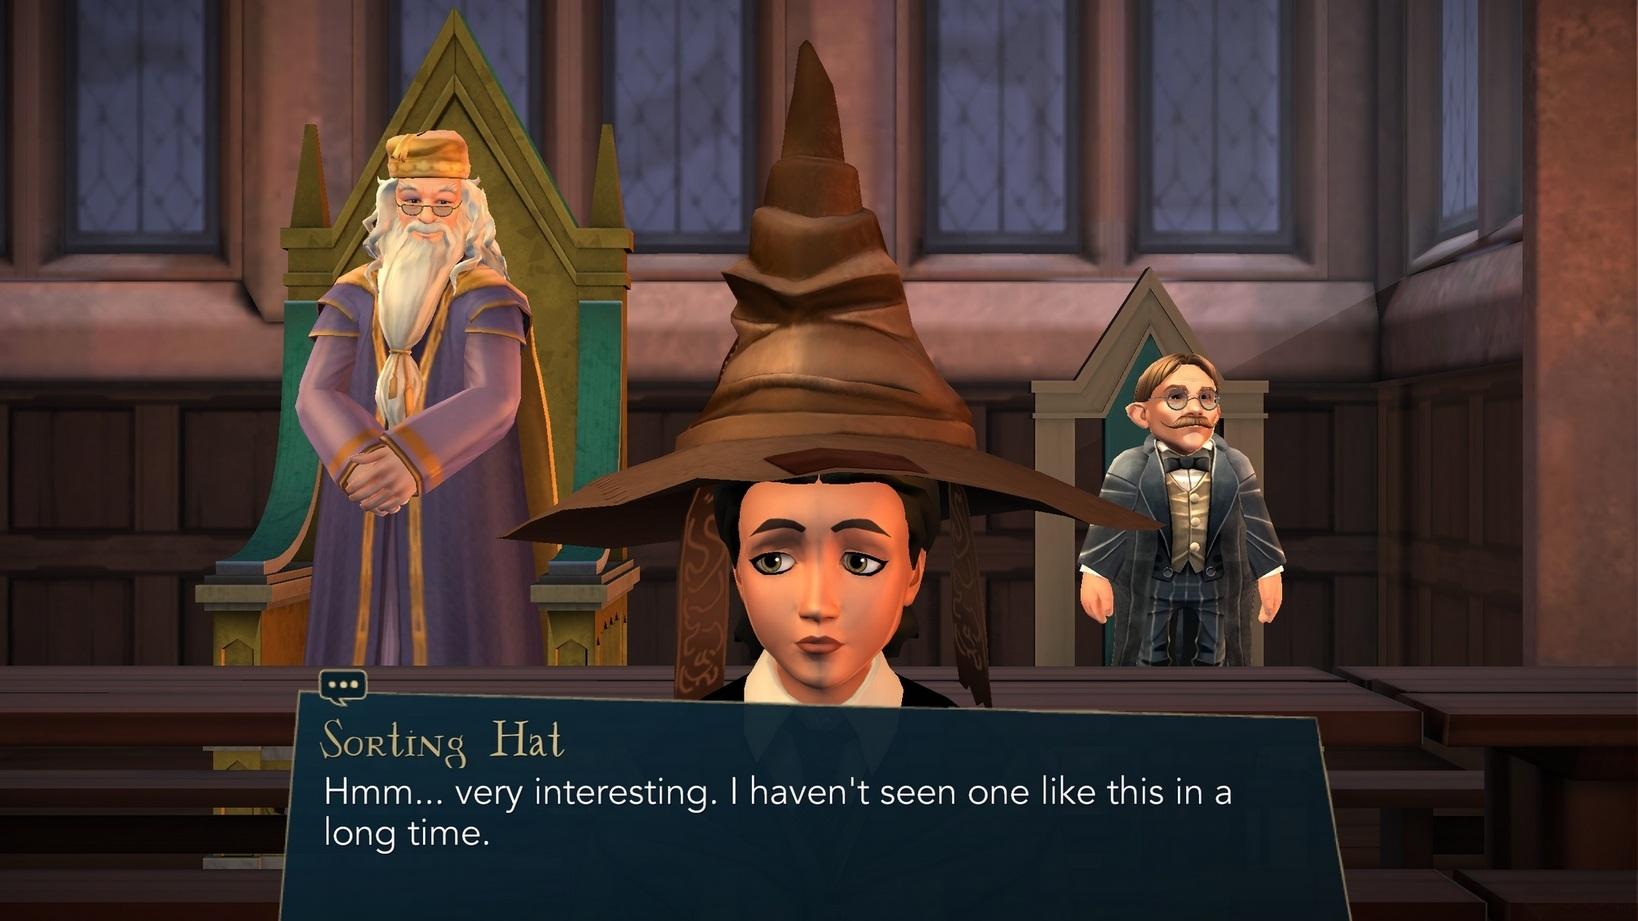 哈利波特:霍格華茲之謎